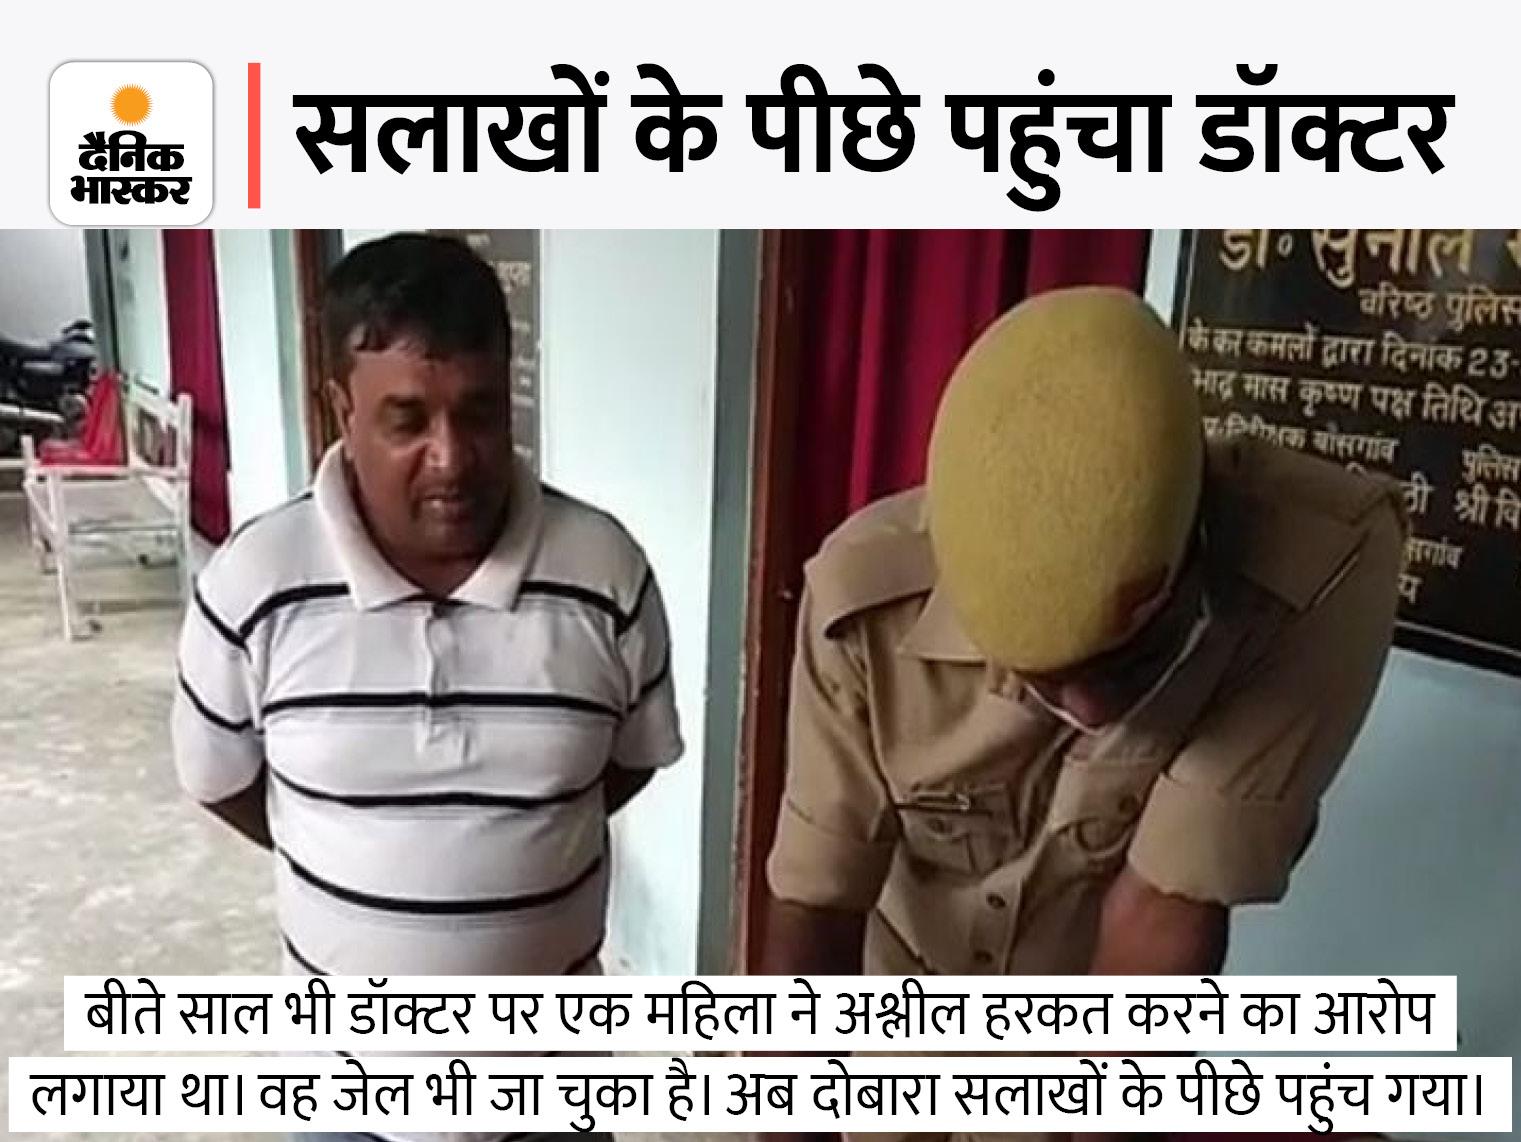 कान का इलाज कराने पहुंची थी, पब्लिक ने पीटा; आरोपी डॉक्टर कांग्रेस जनजाति मोर्चा का प्रदेश अध्यक्ष है, पहले भी जेल जा चुका है|गोरखपुर,Gorakhpur - Dainik Bhaskar